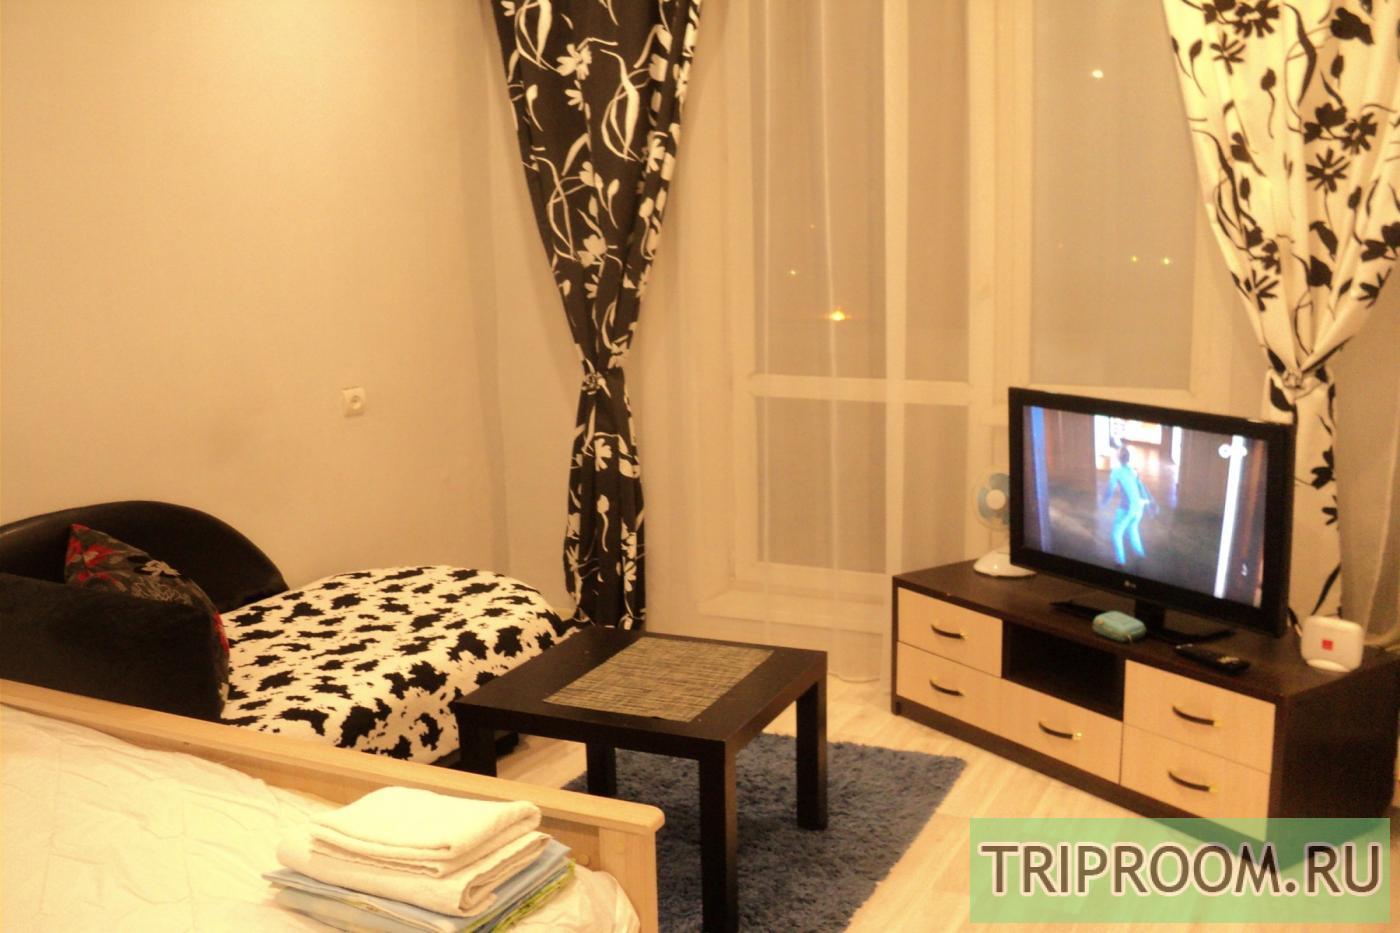 1-комнатная квартира посуточно (вариант № 5800), ул. Молокова улица, фото № 2